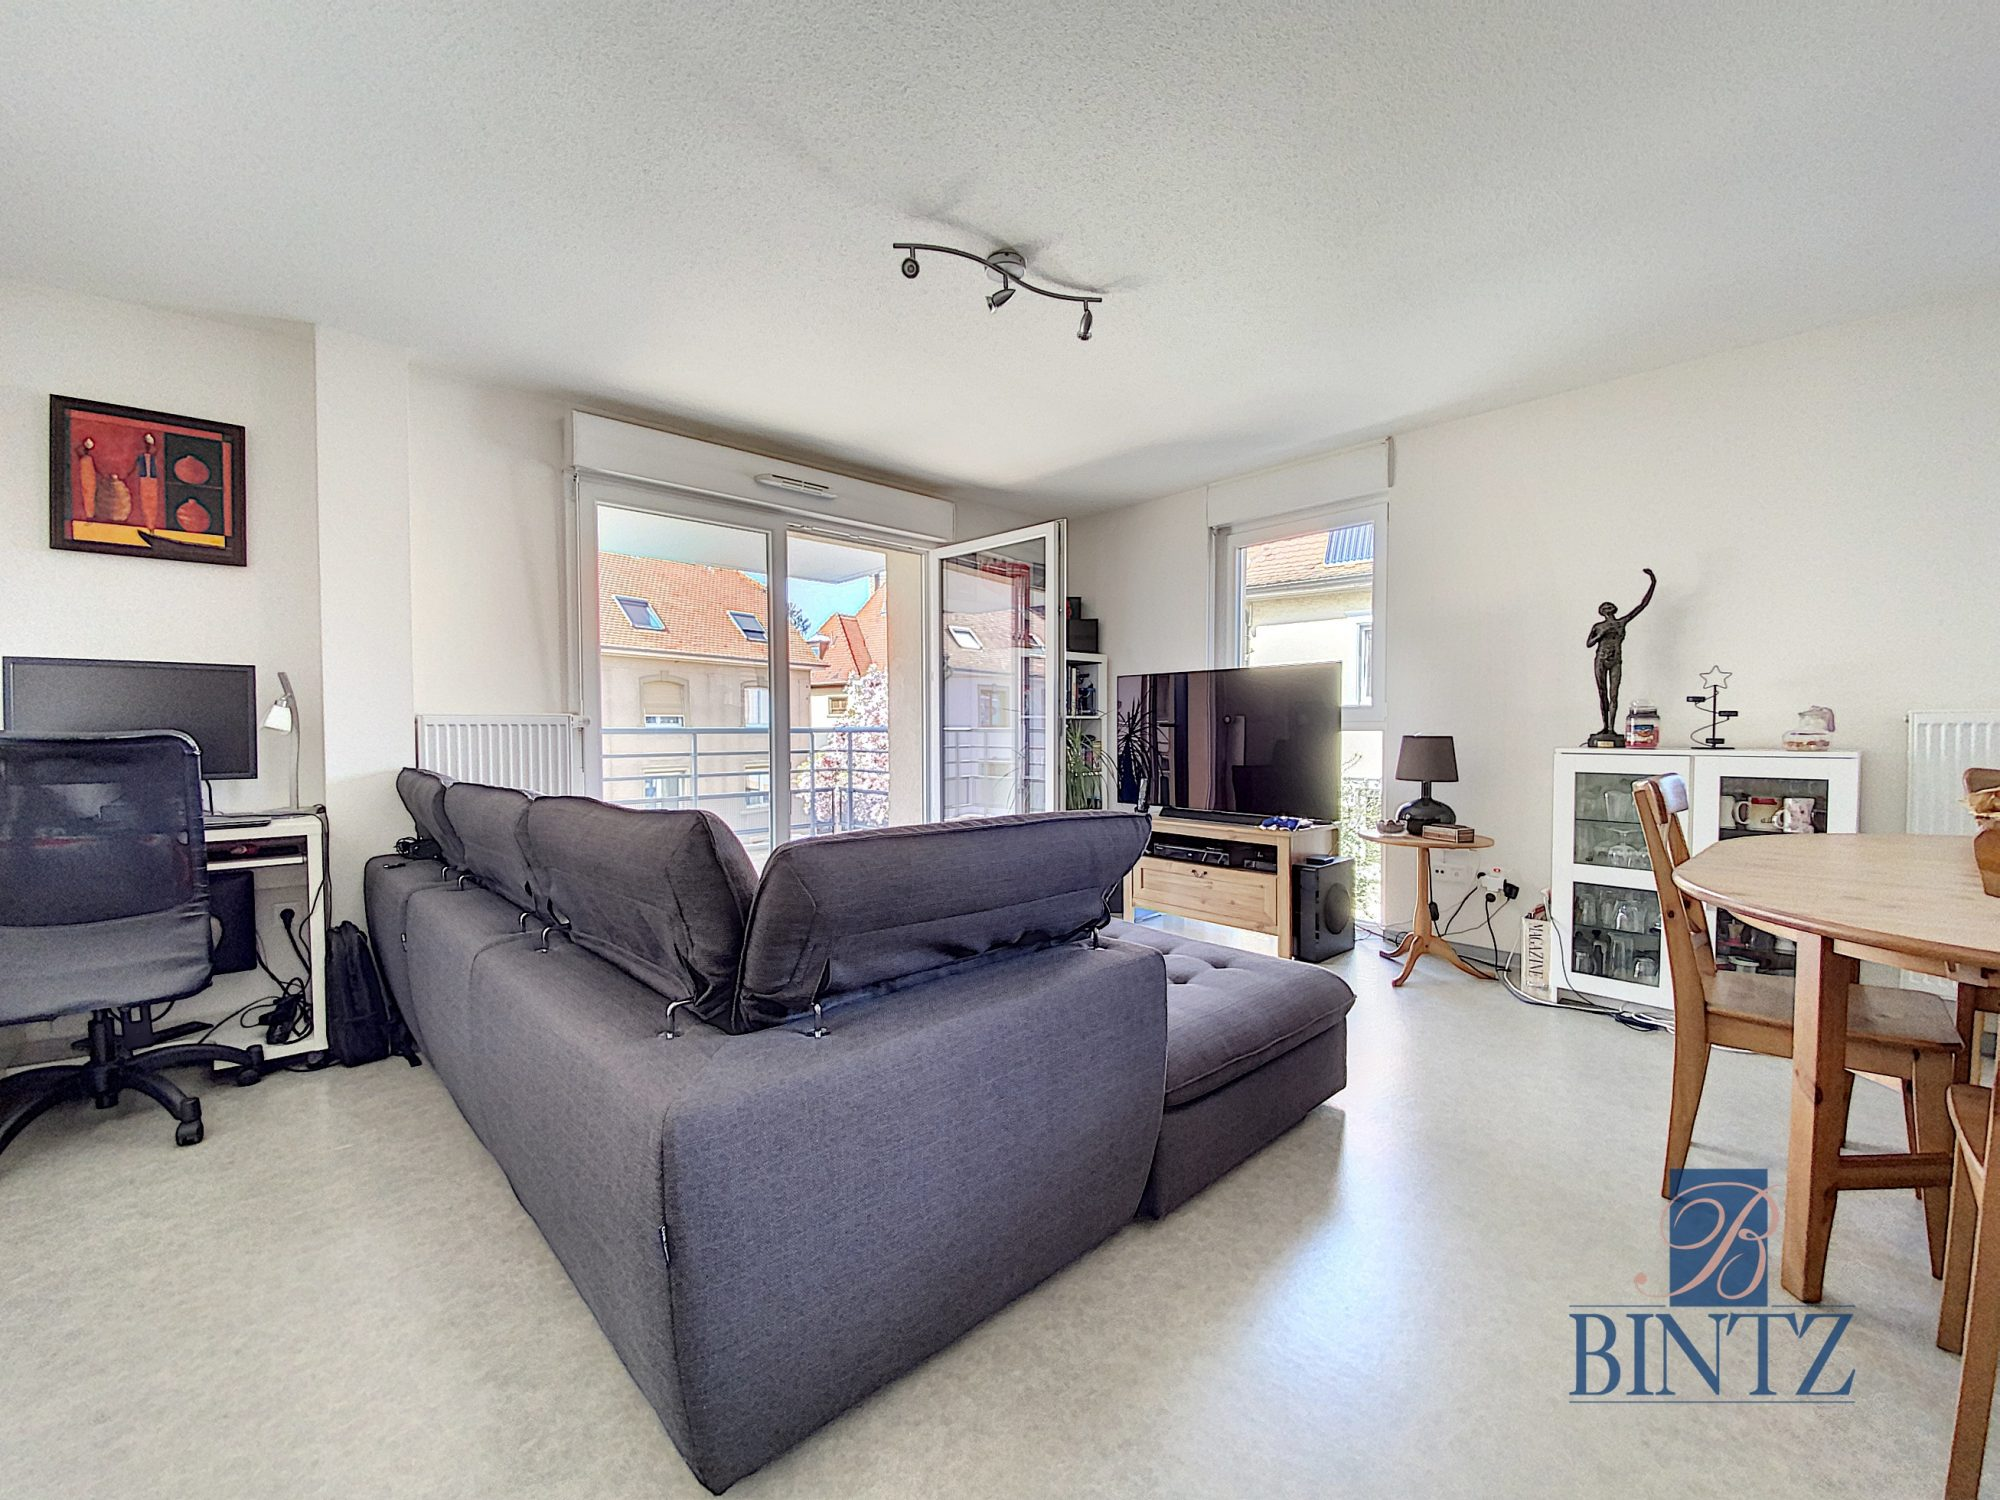 3 pièces neuf avec terrasse Schiltigheim - Devenez propriétaire en toute confiance - Bintz Immobilier - 6